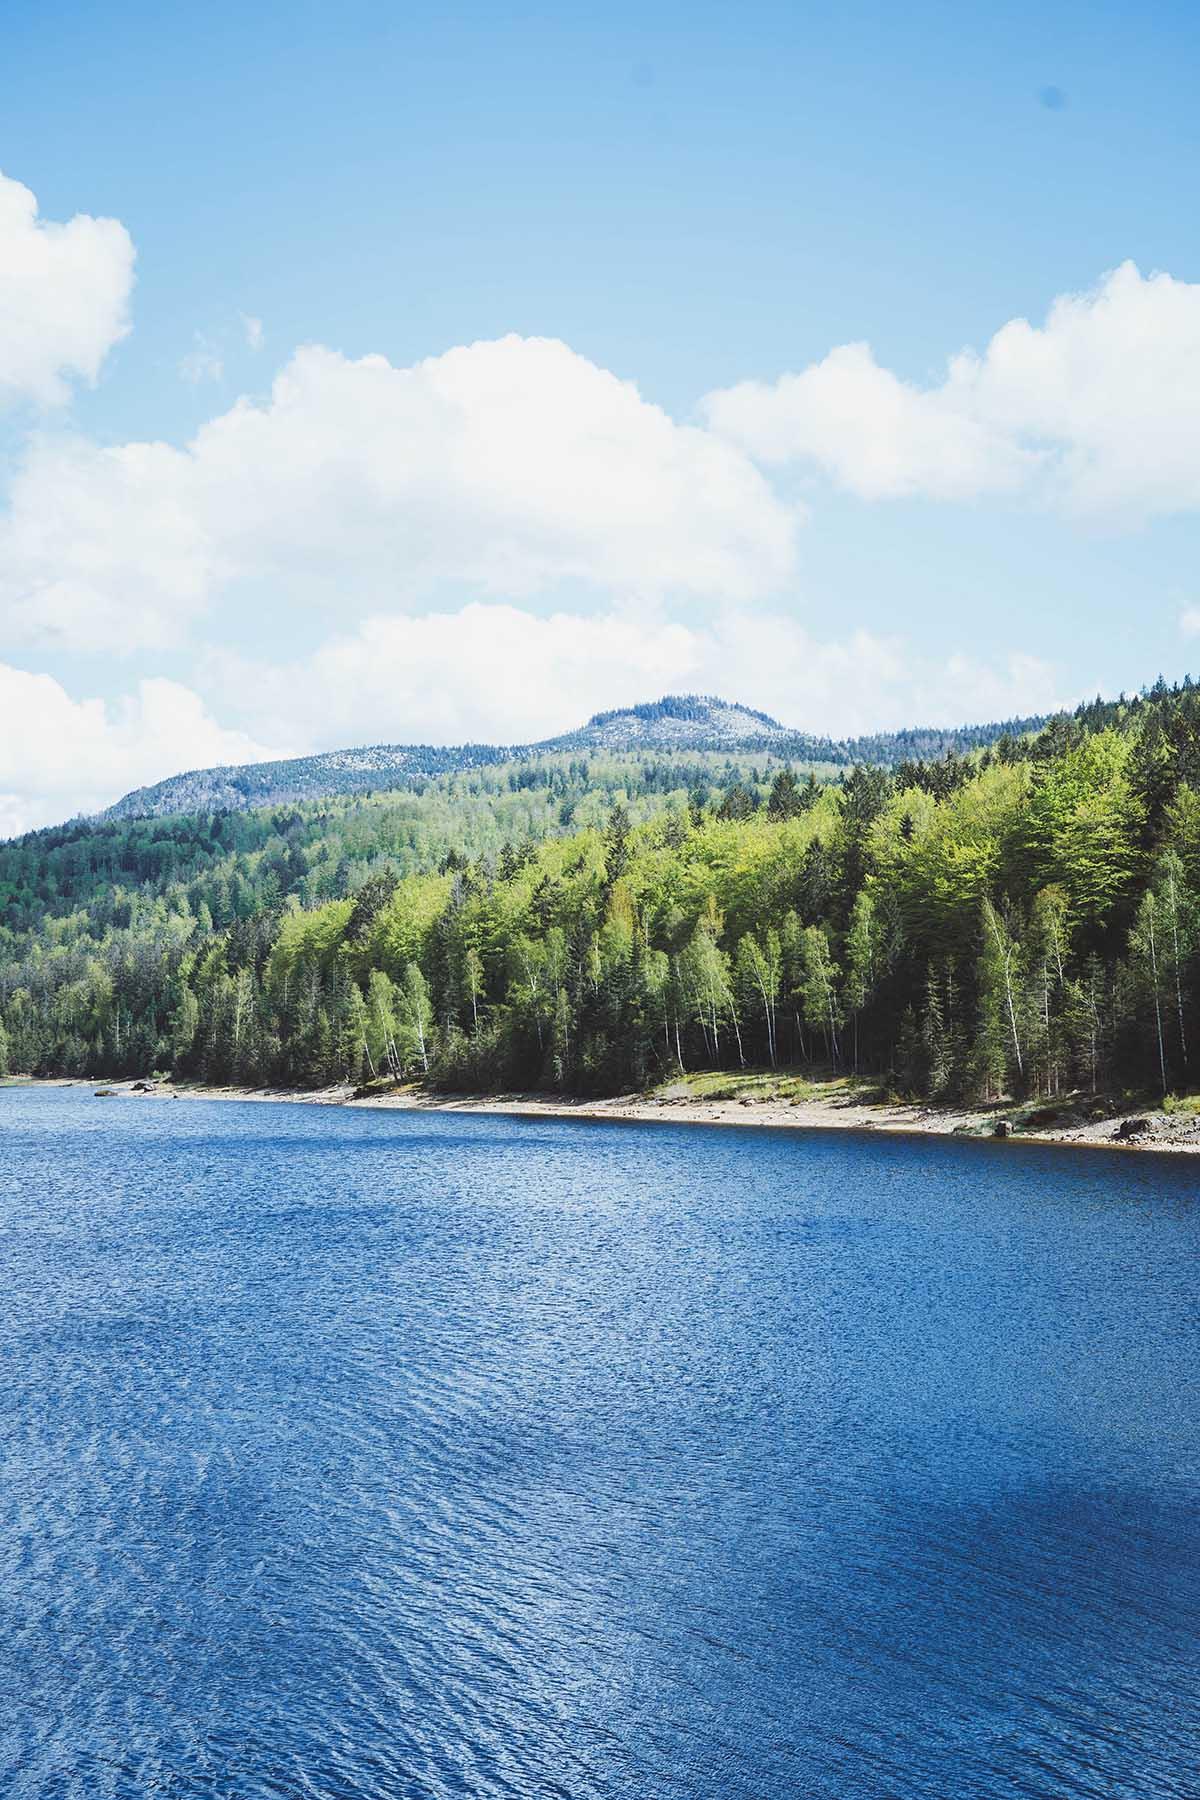 trinkwassertalsperre-frauenau-bayerischer-wald-placesdelight